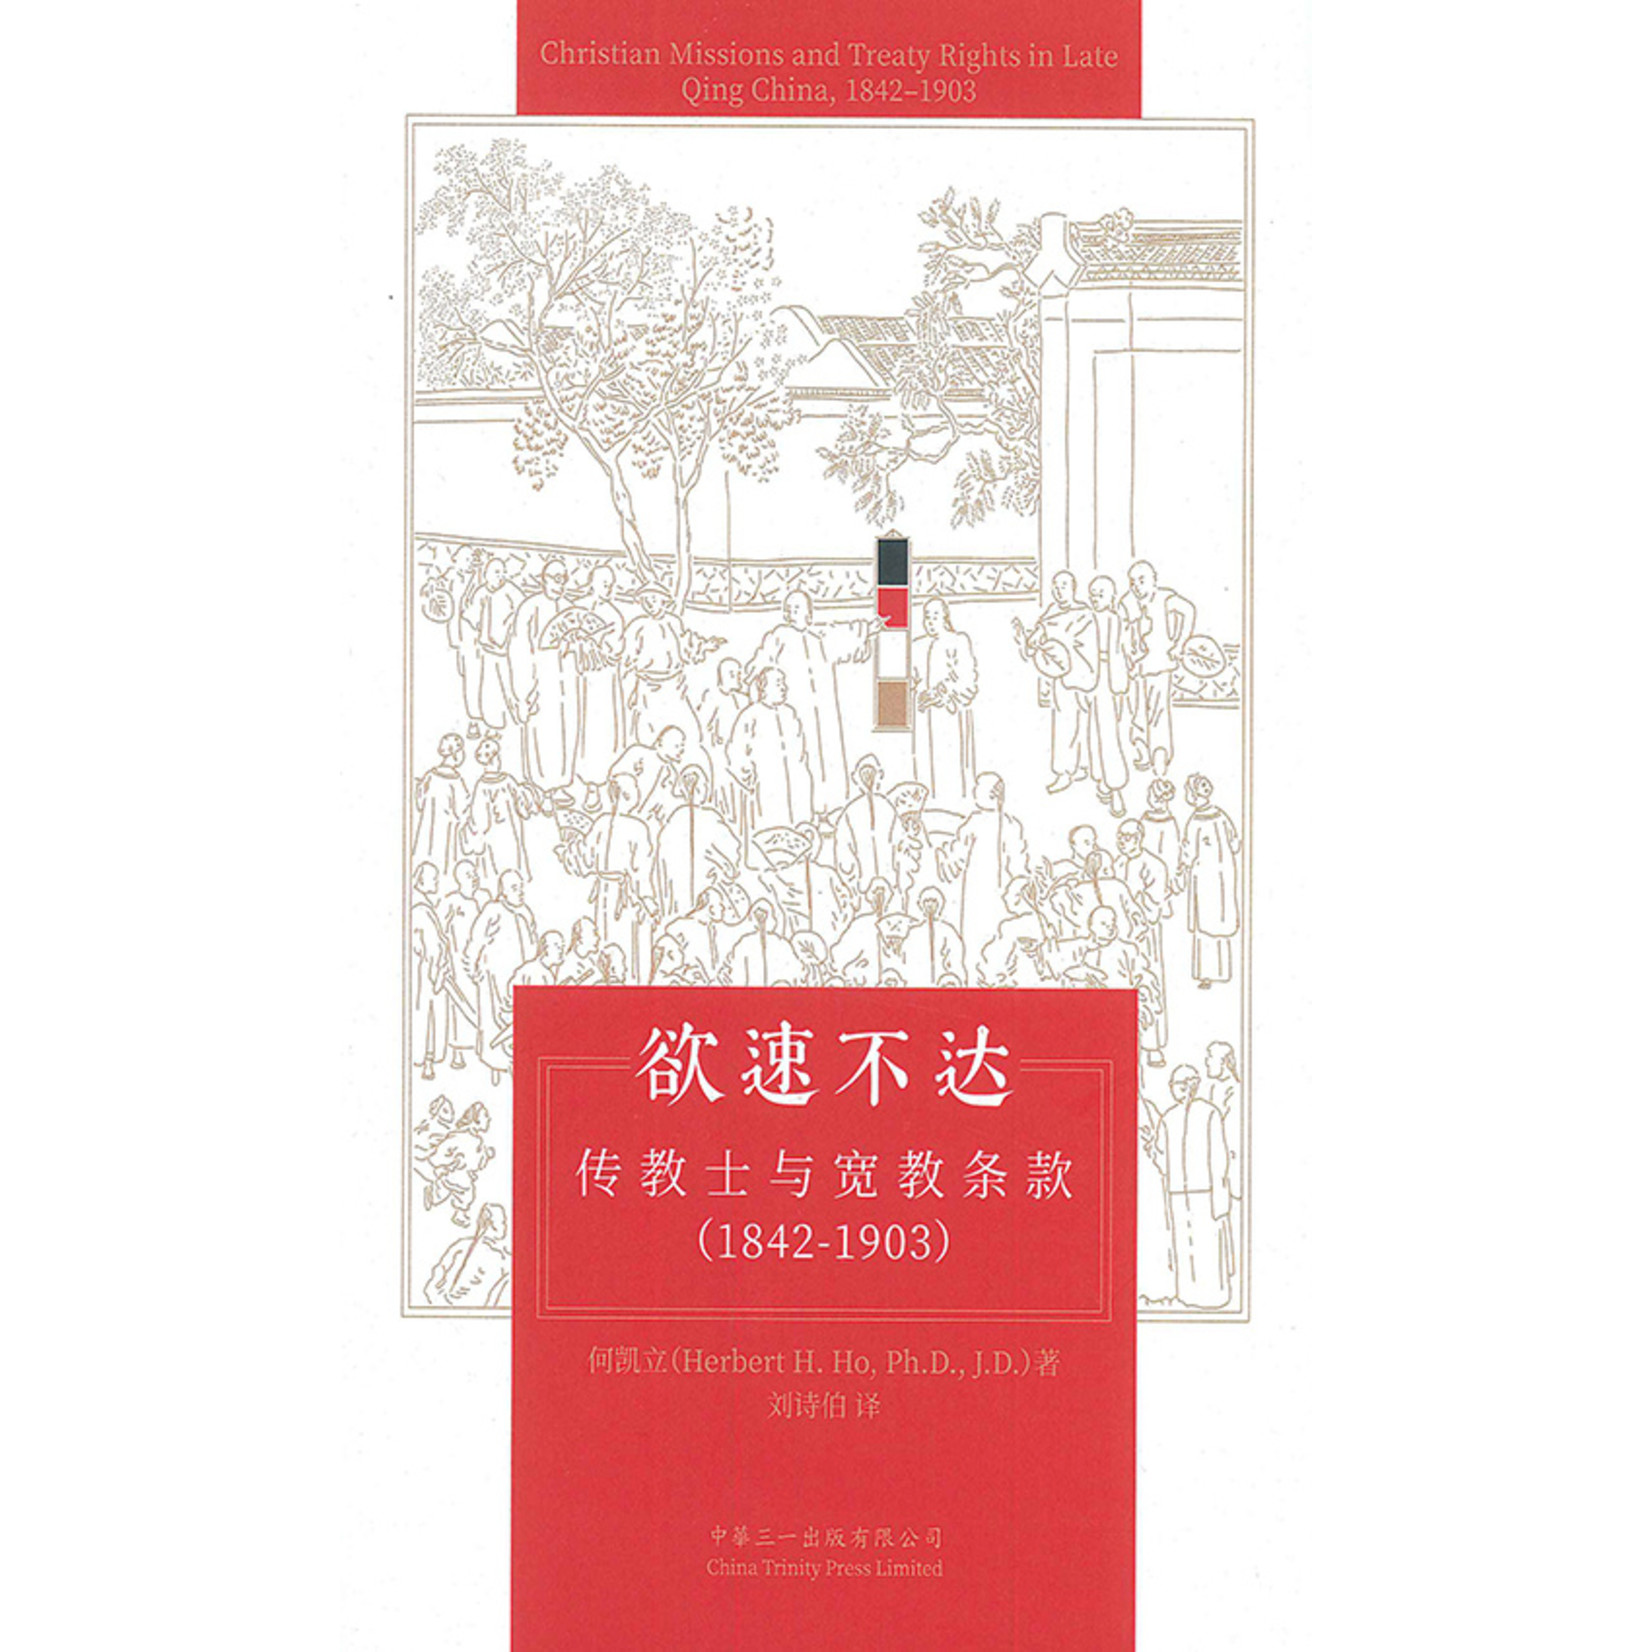 中華三一 China Trinity Press 欲速不達:傳教士與寬教條款(1842-1903)(簡體) Christian Missions and Treaty Rights in Late Qing China, 1842-1903